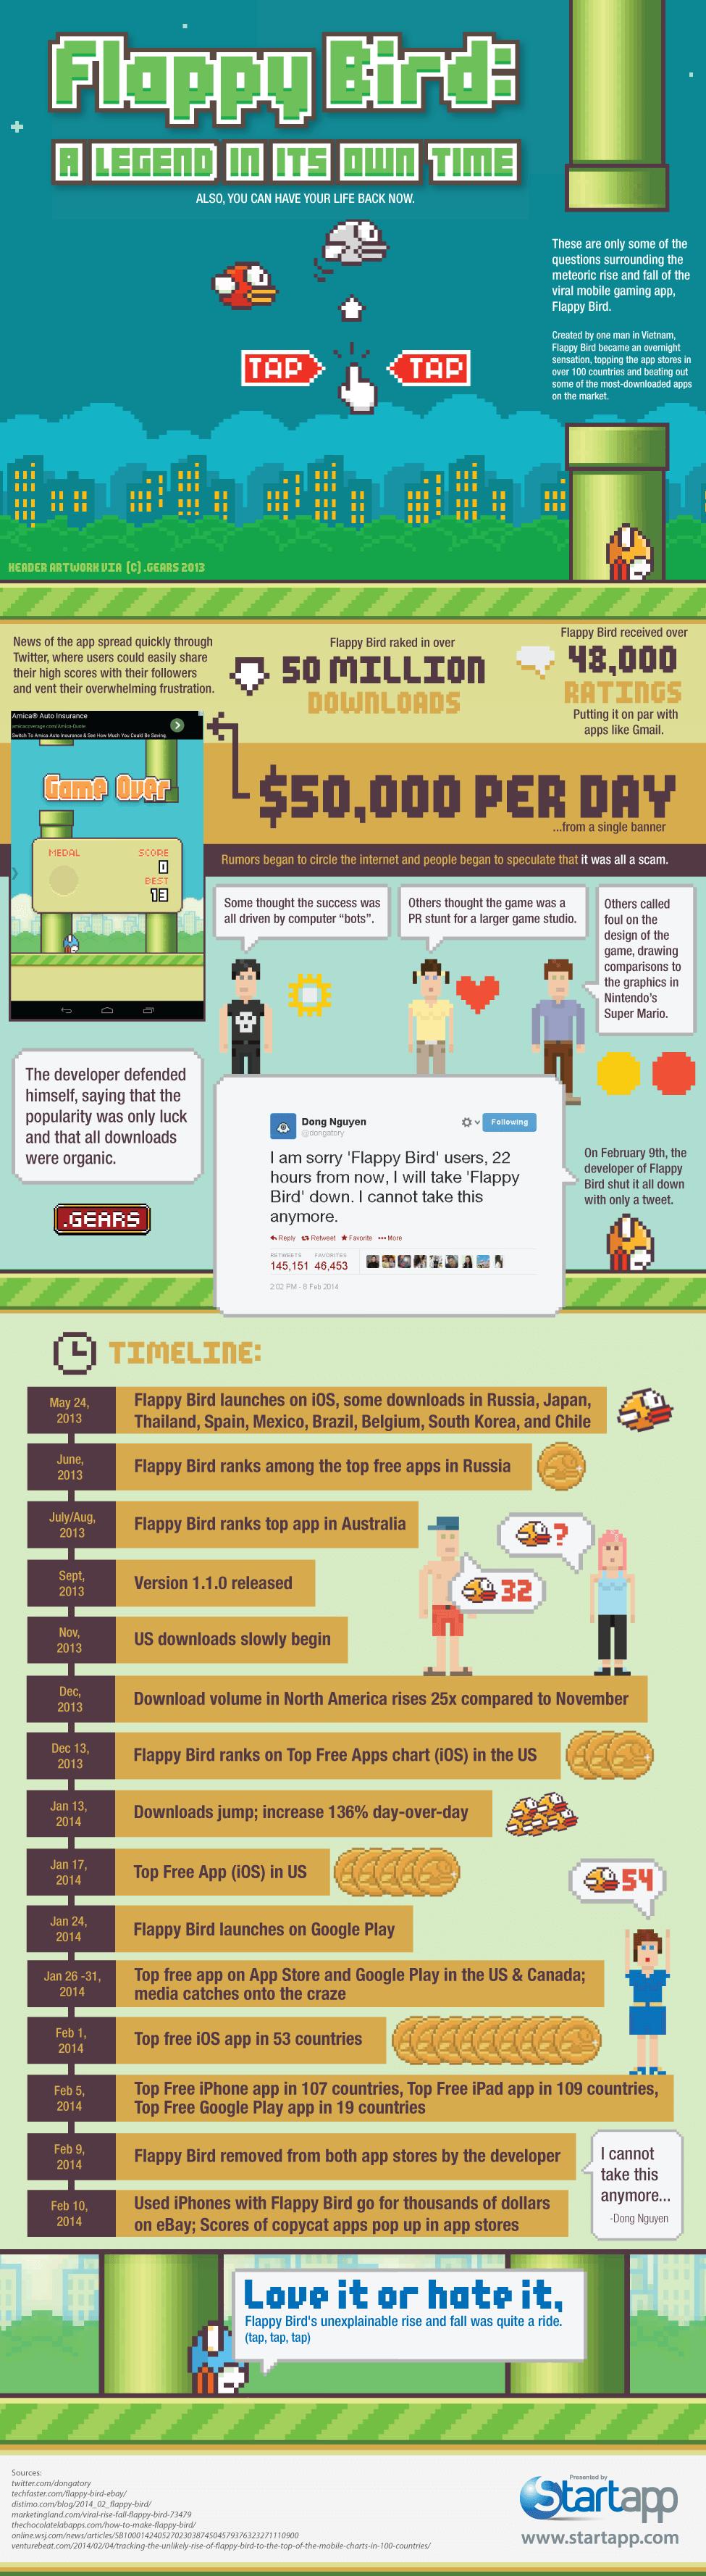 flappy-bird-infographic